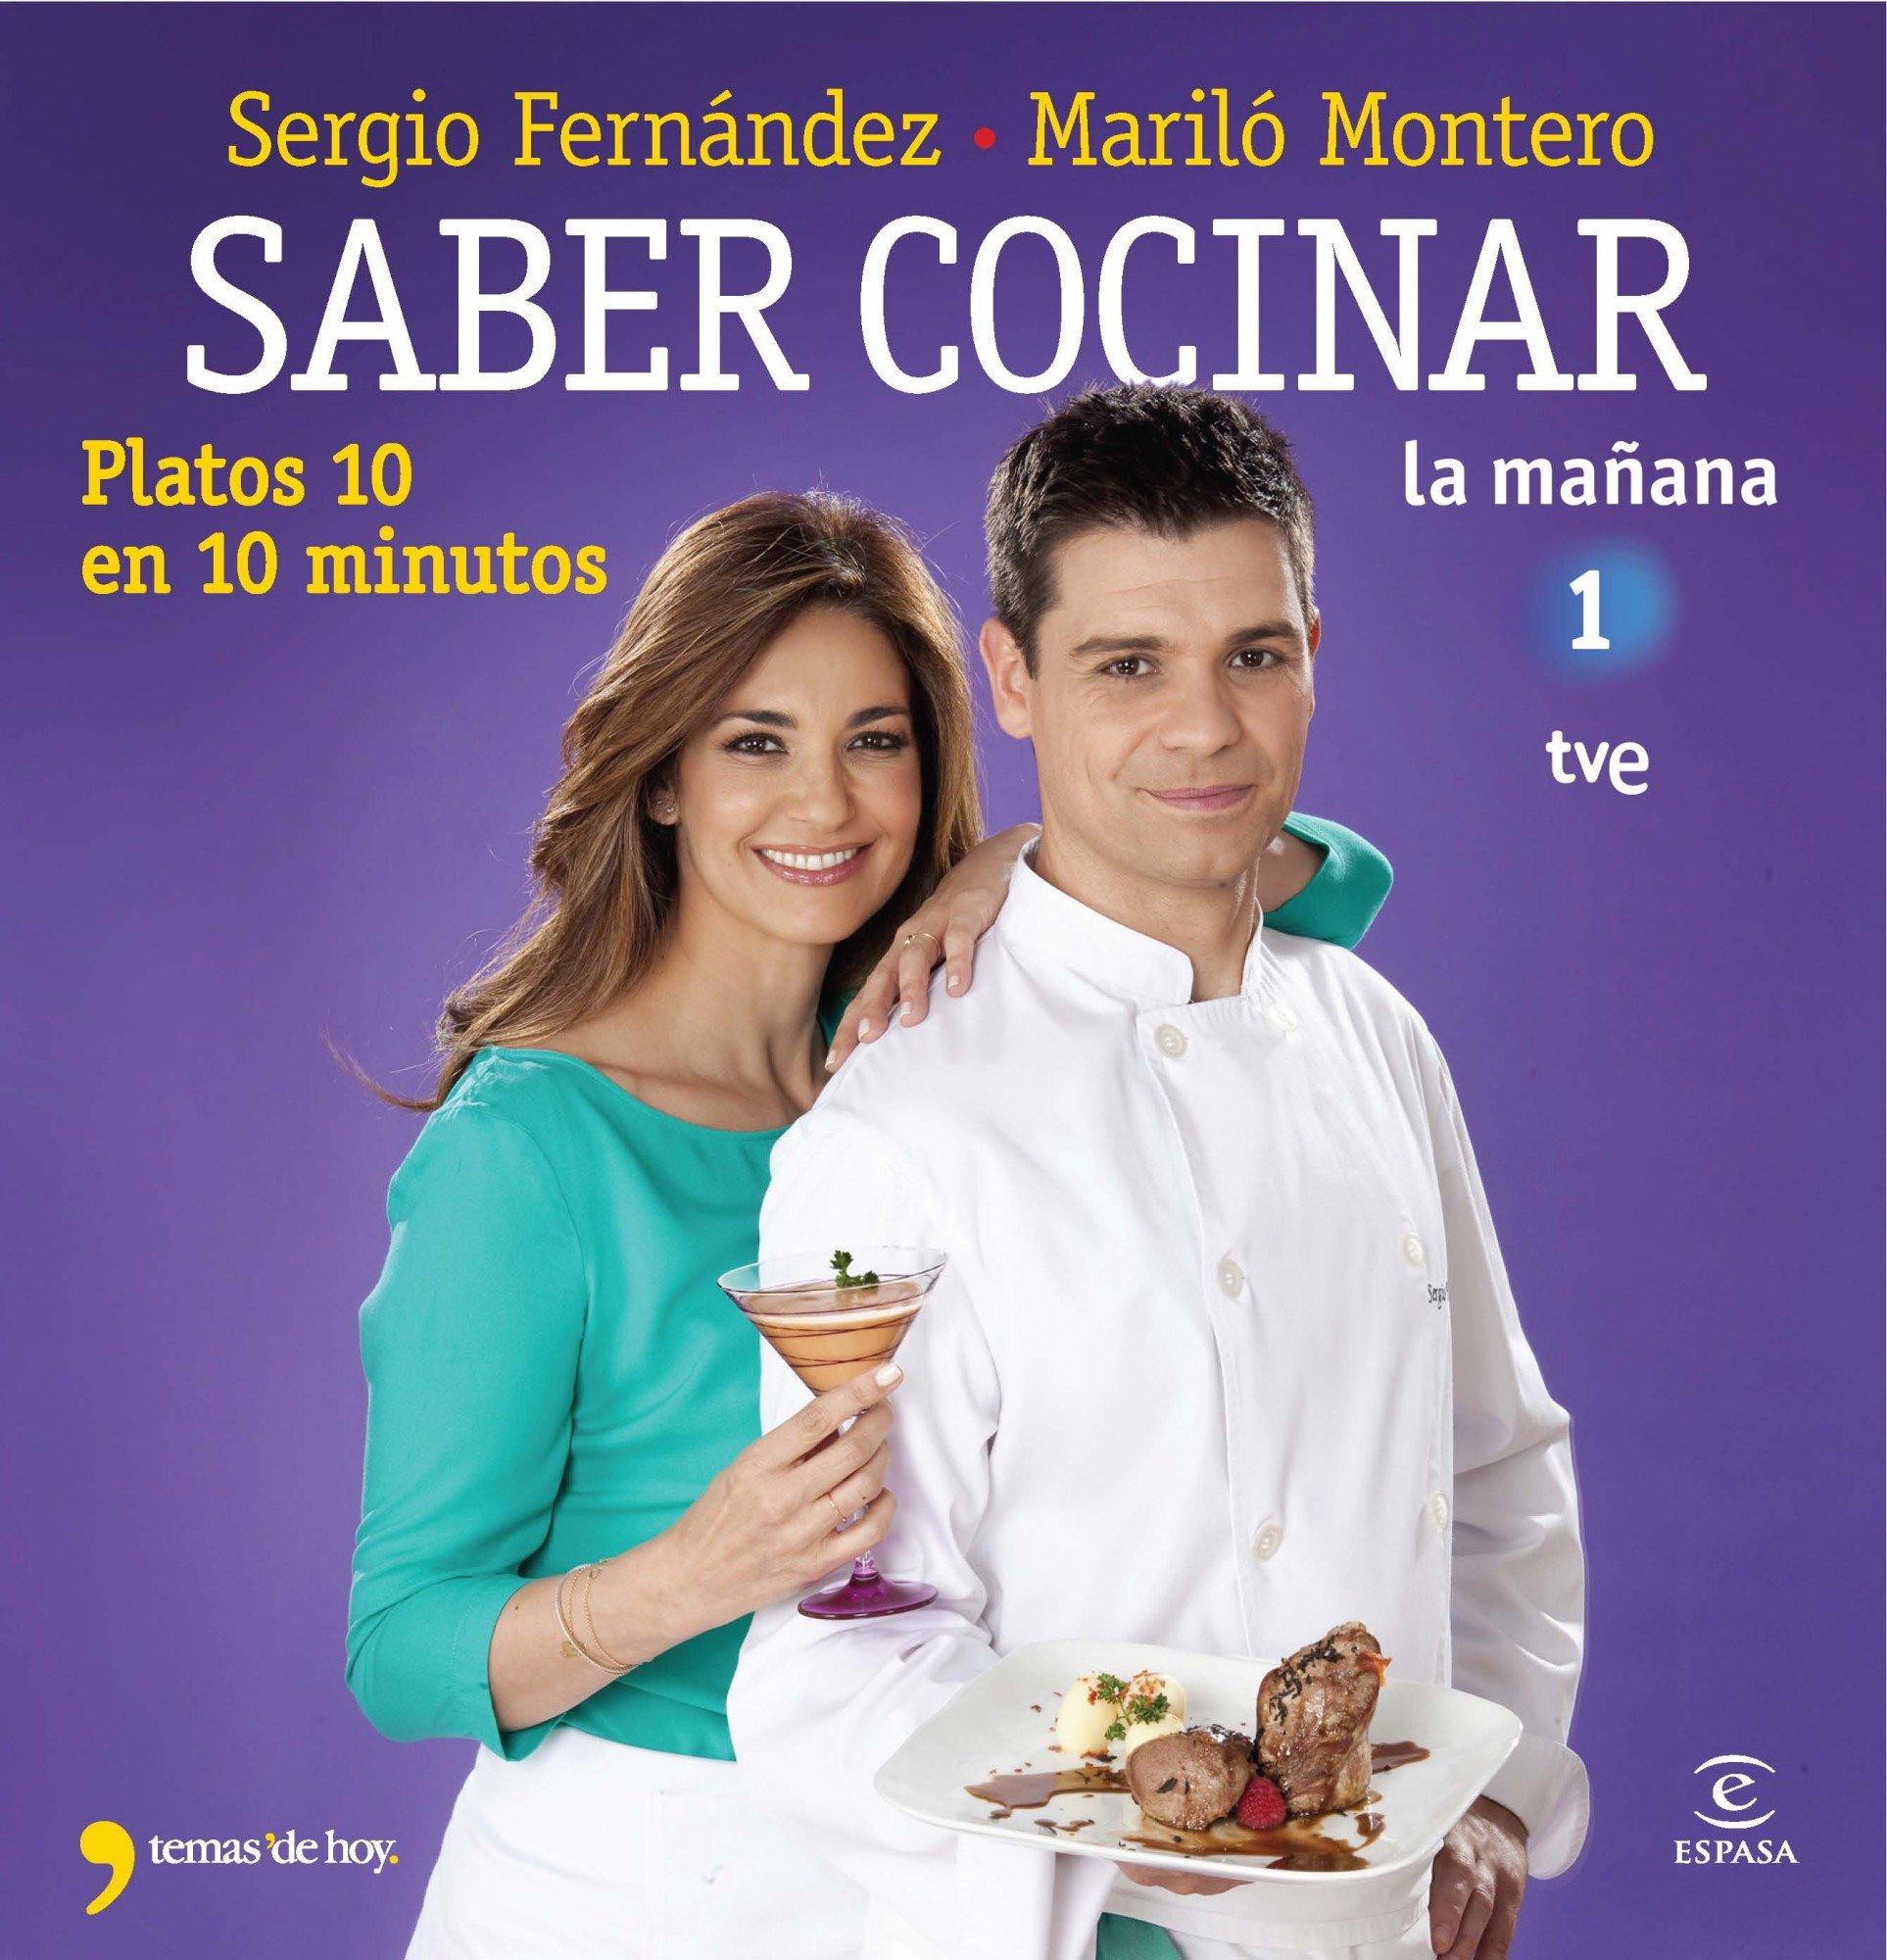 Saber cocinar platos 10 en 10 minutos (FUERA DE COLECCIÓN Y ONE SHOT)